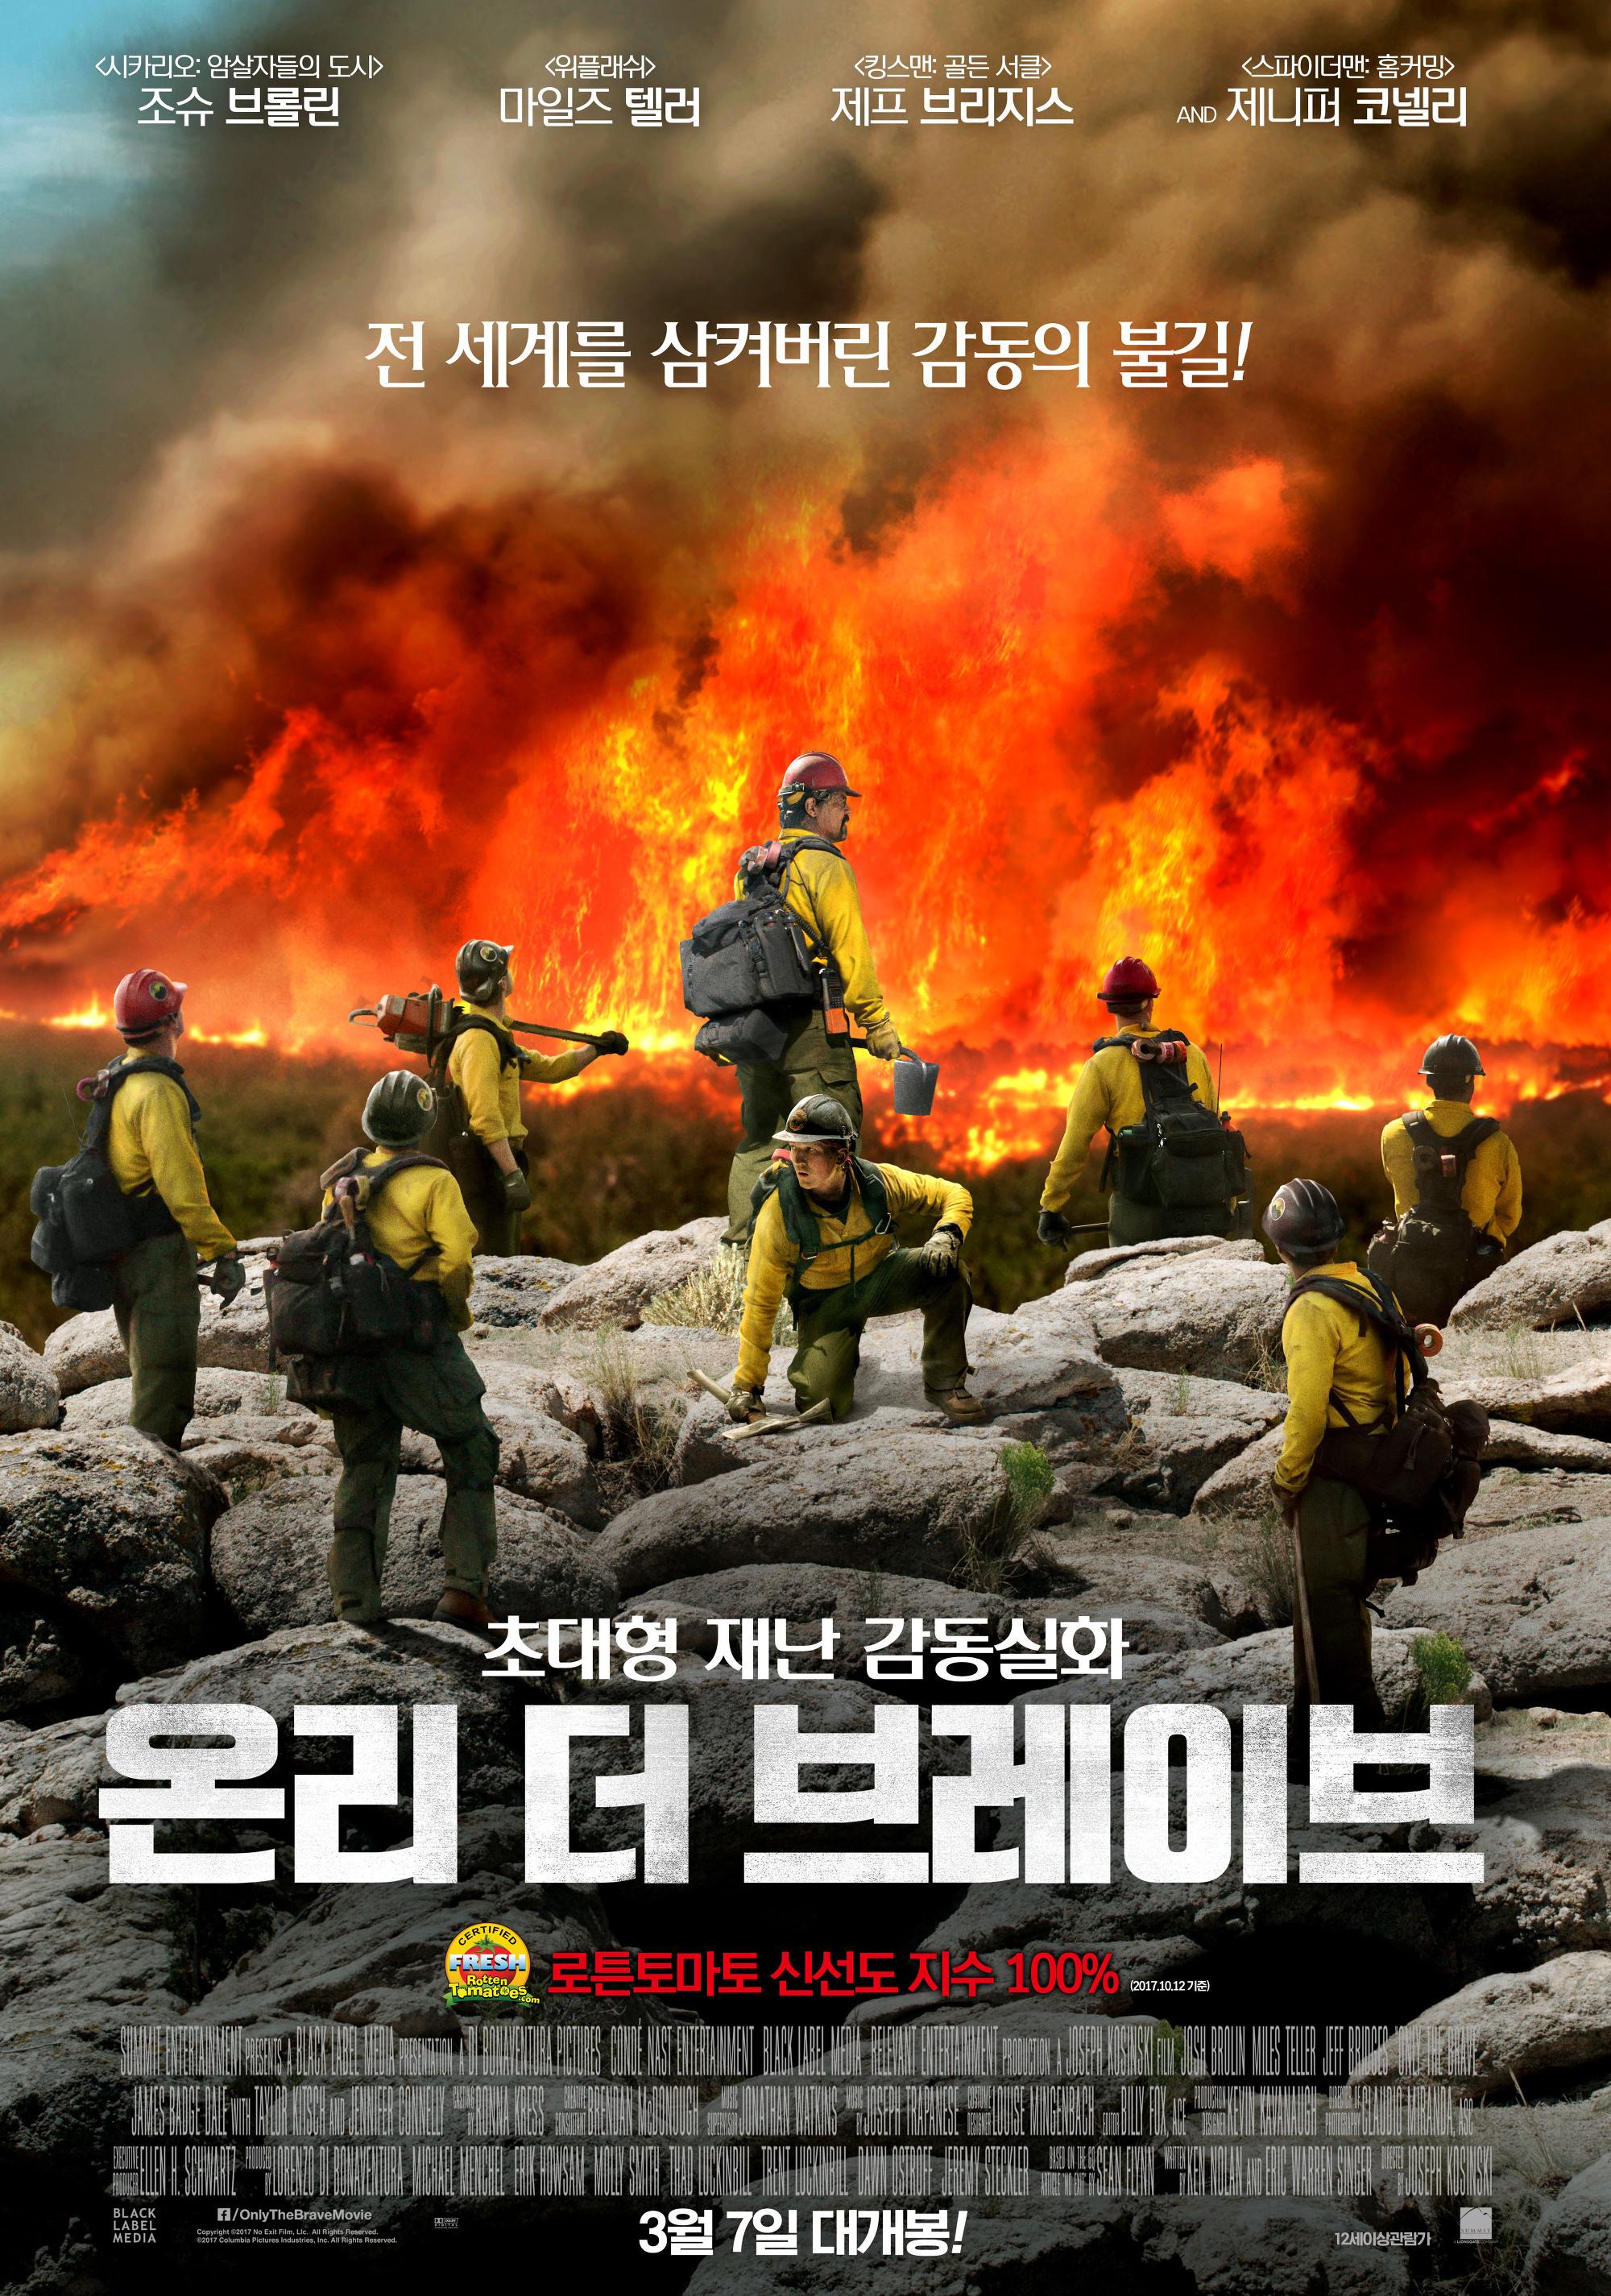 2018년 3월 둘째주 개봉영화